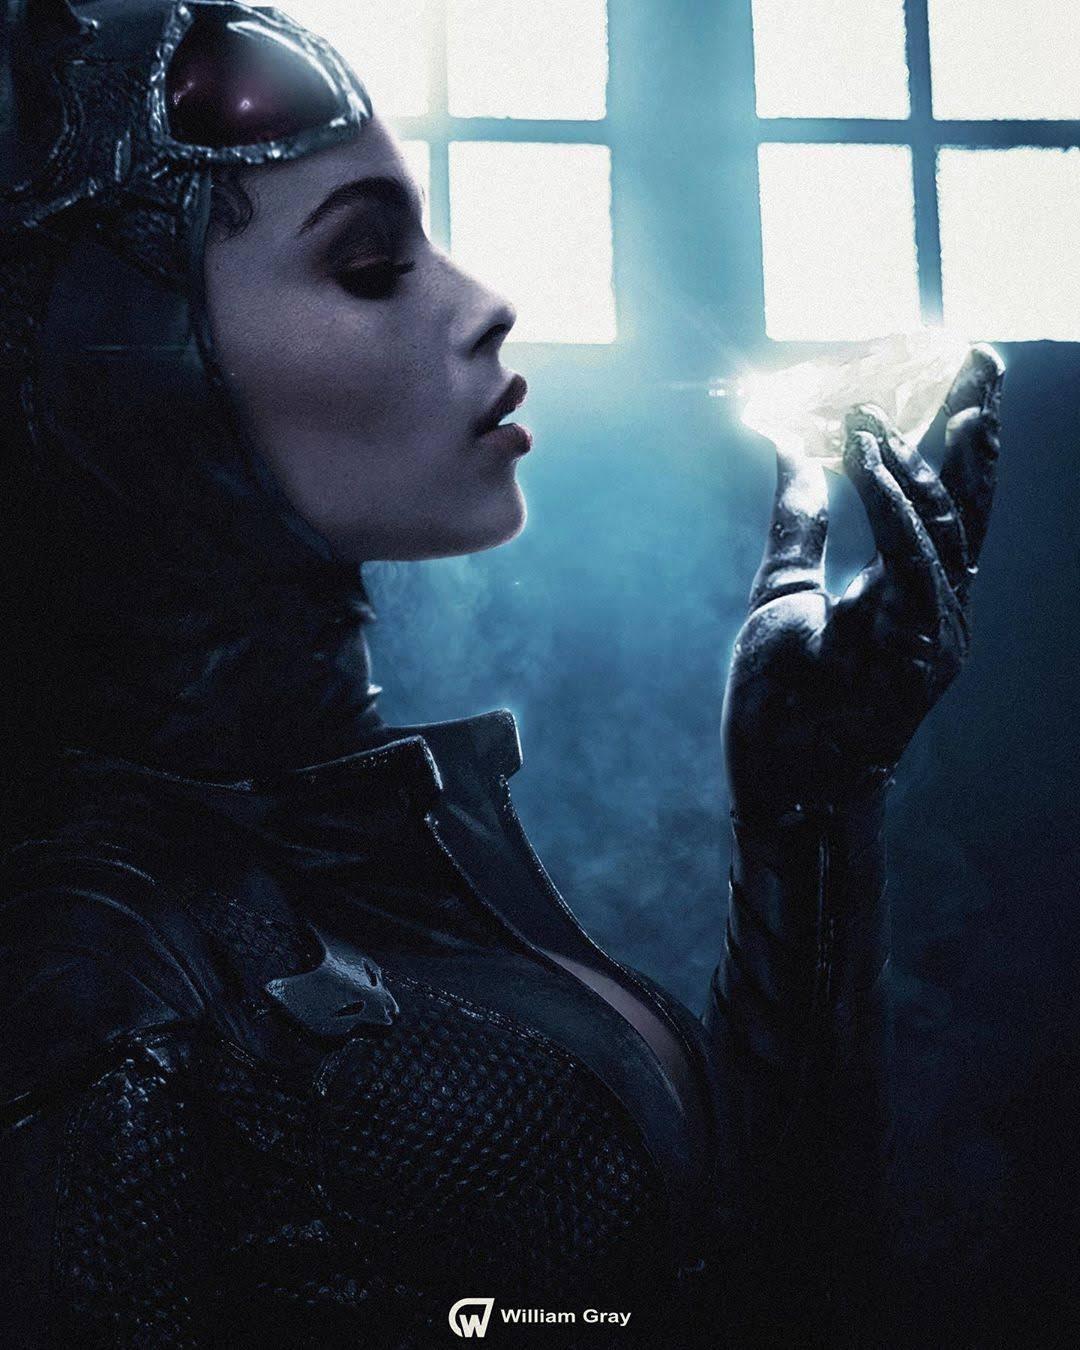 Zoë Kravitz as Catwoman by William Gray : マット・リーヴス監督の待望の「ザ・バットマン」で、新たにセリーナ・カイルの役を演じるゾーイ・クラヴィッツが、キャットウーマンに変身した姿を描いてみたクールなファン・アート ! !